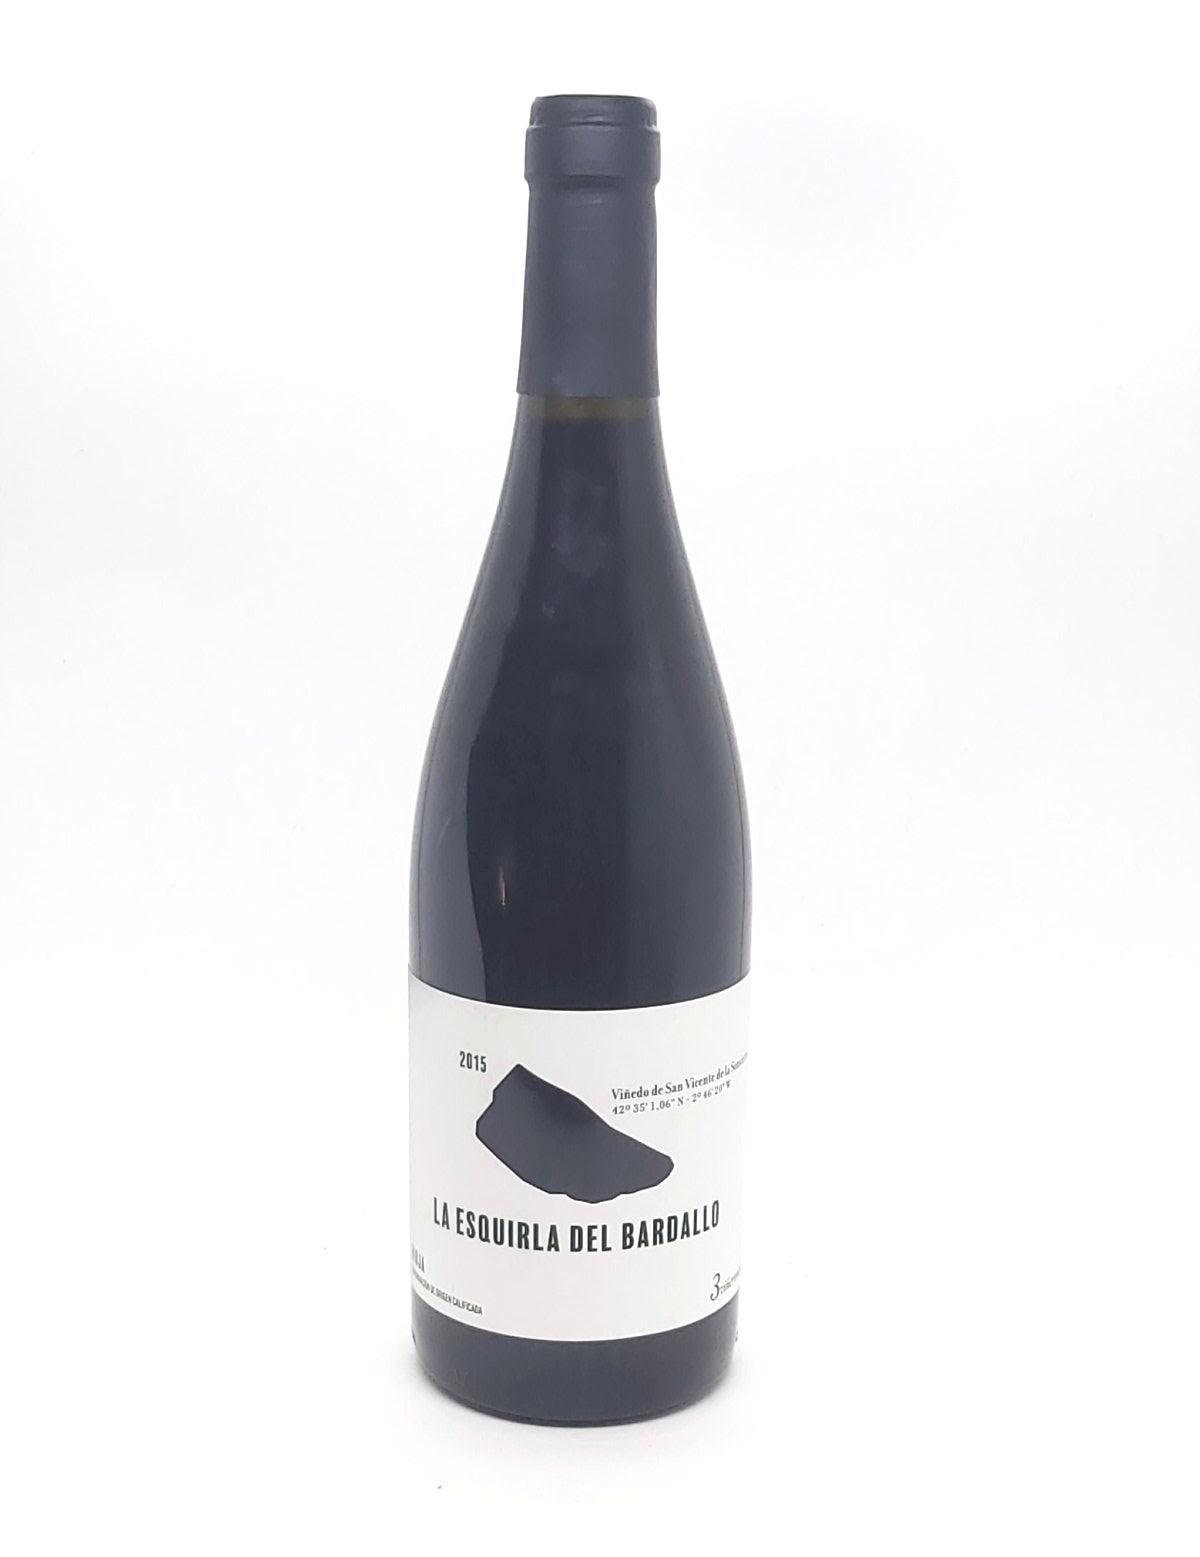 La Esquirla del Bardallo 2015. D.O.C. Rioja. Sibaritastur